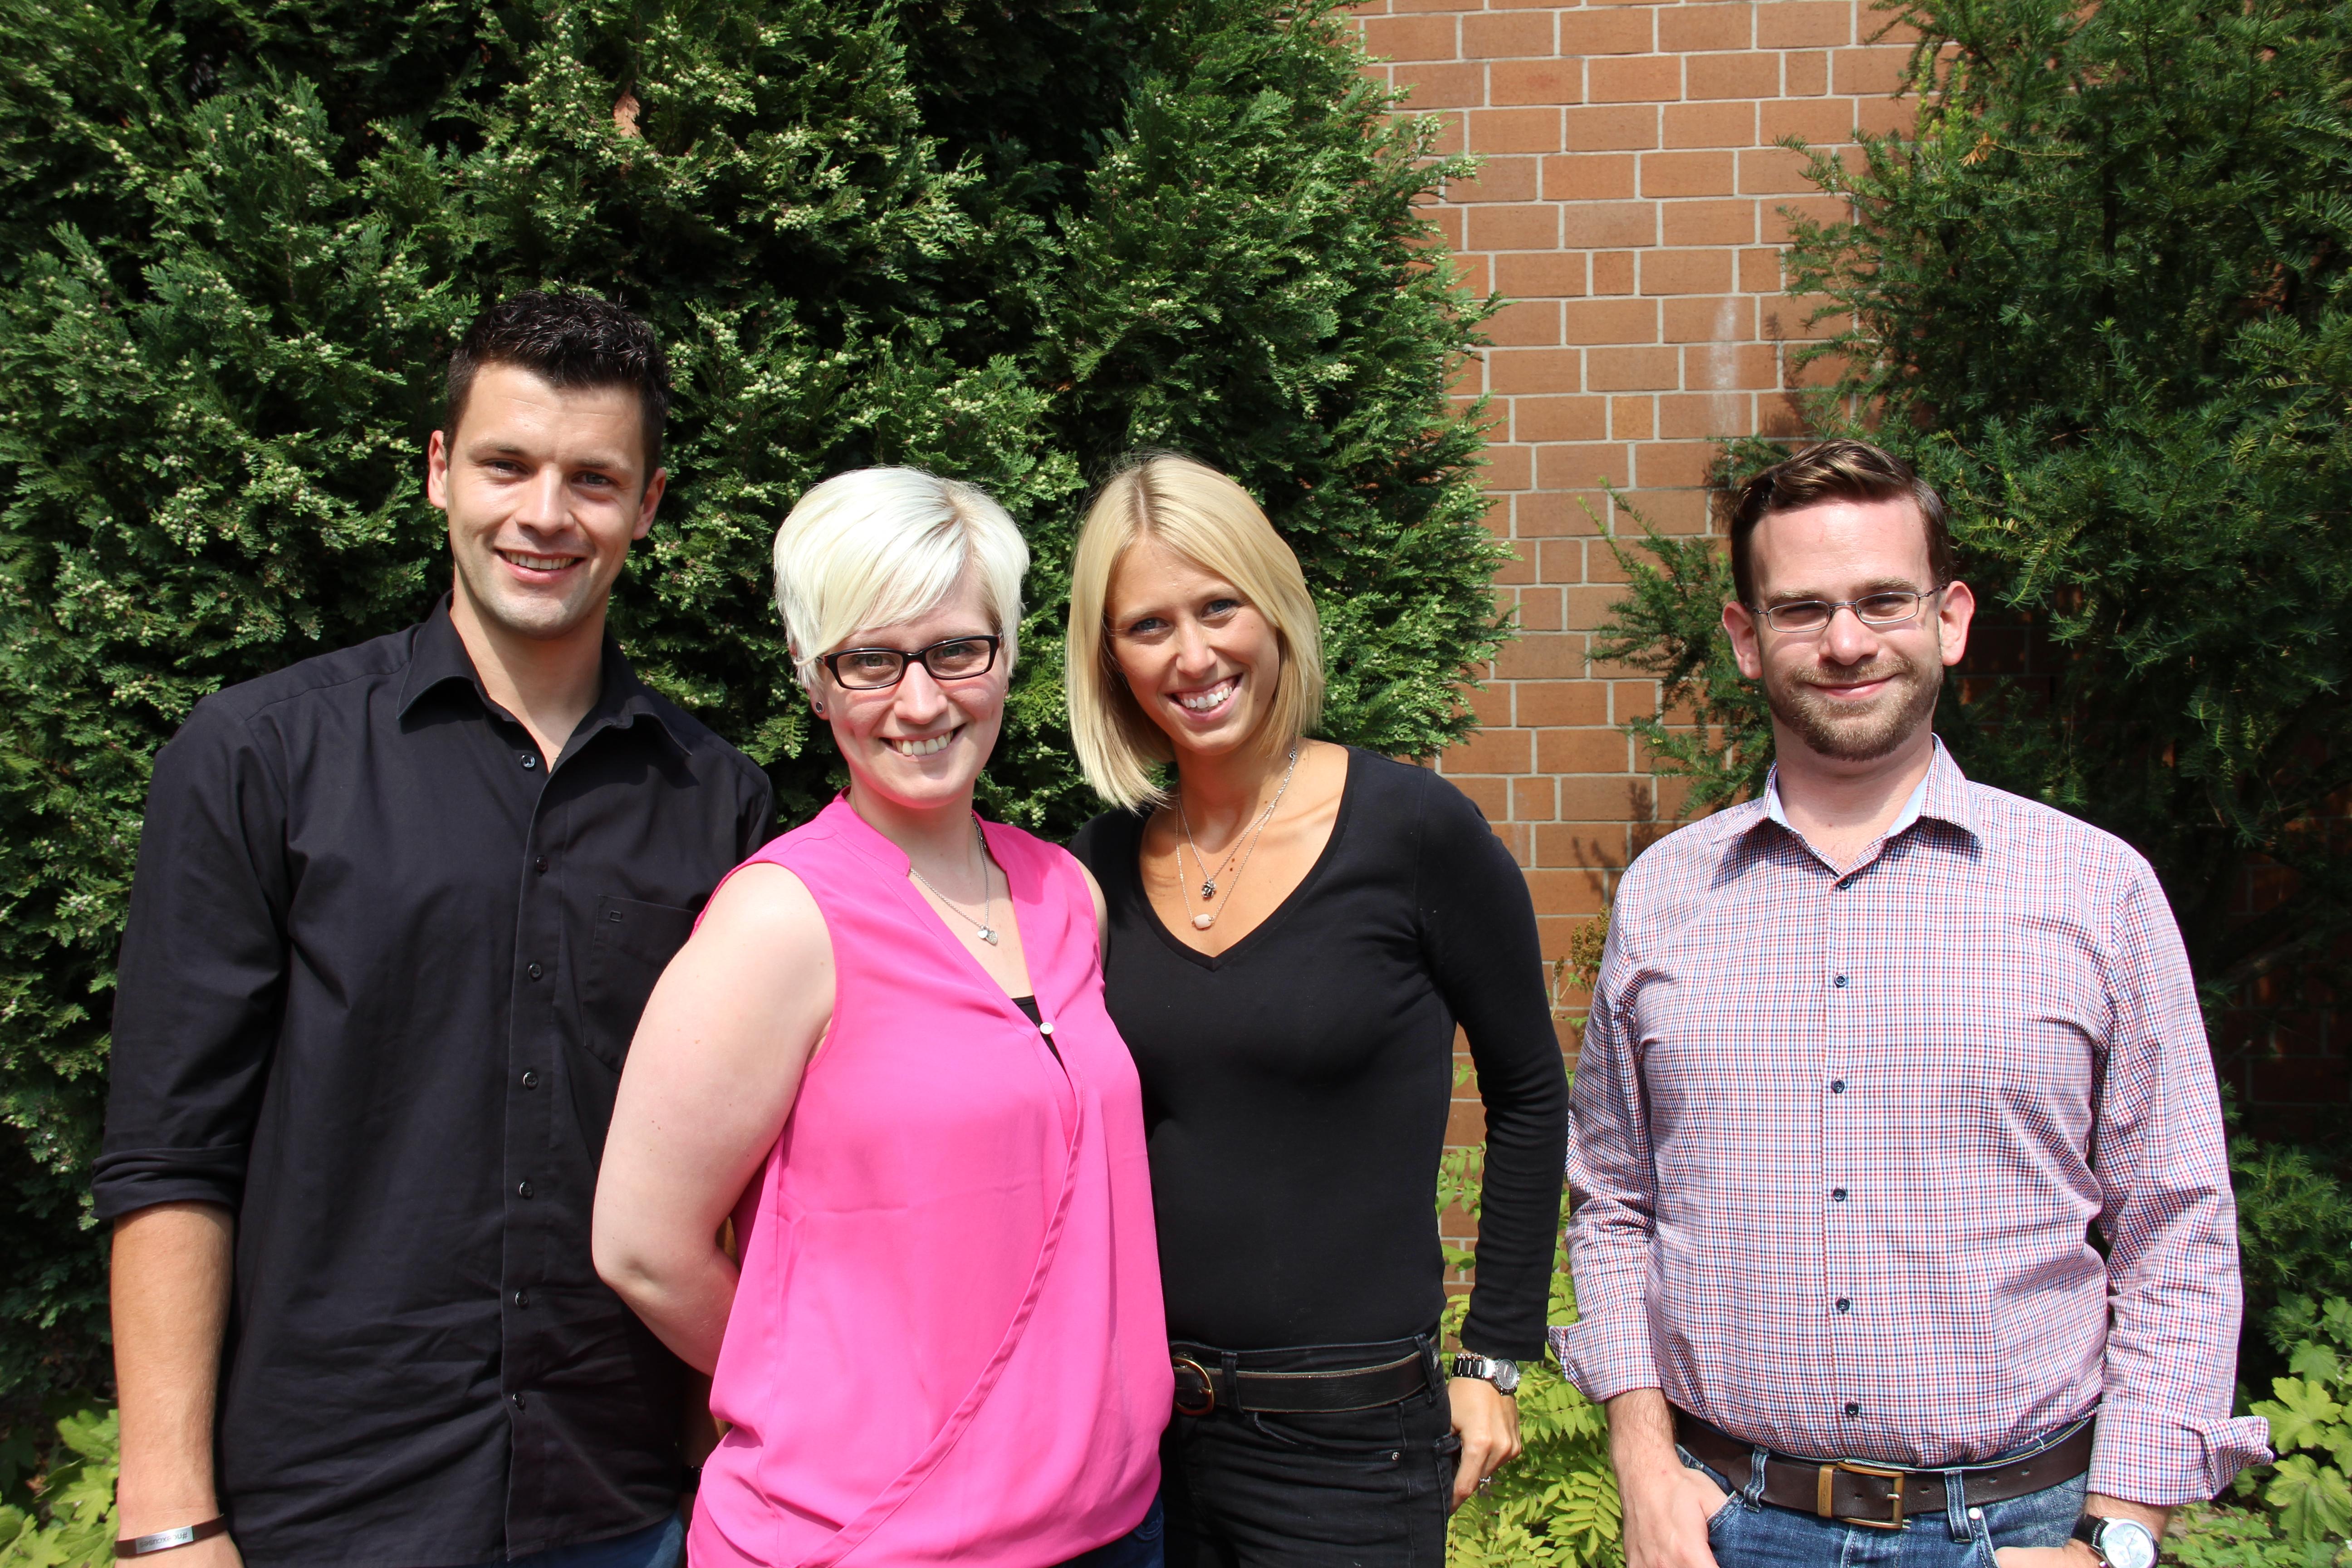 Mallinckrodt-Gymnasium begrüßt vier neue Lehrer